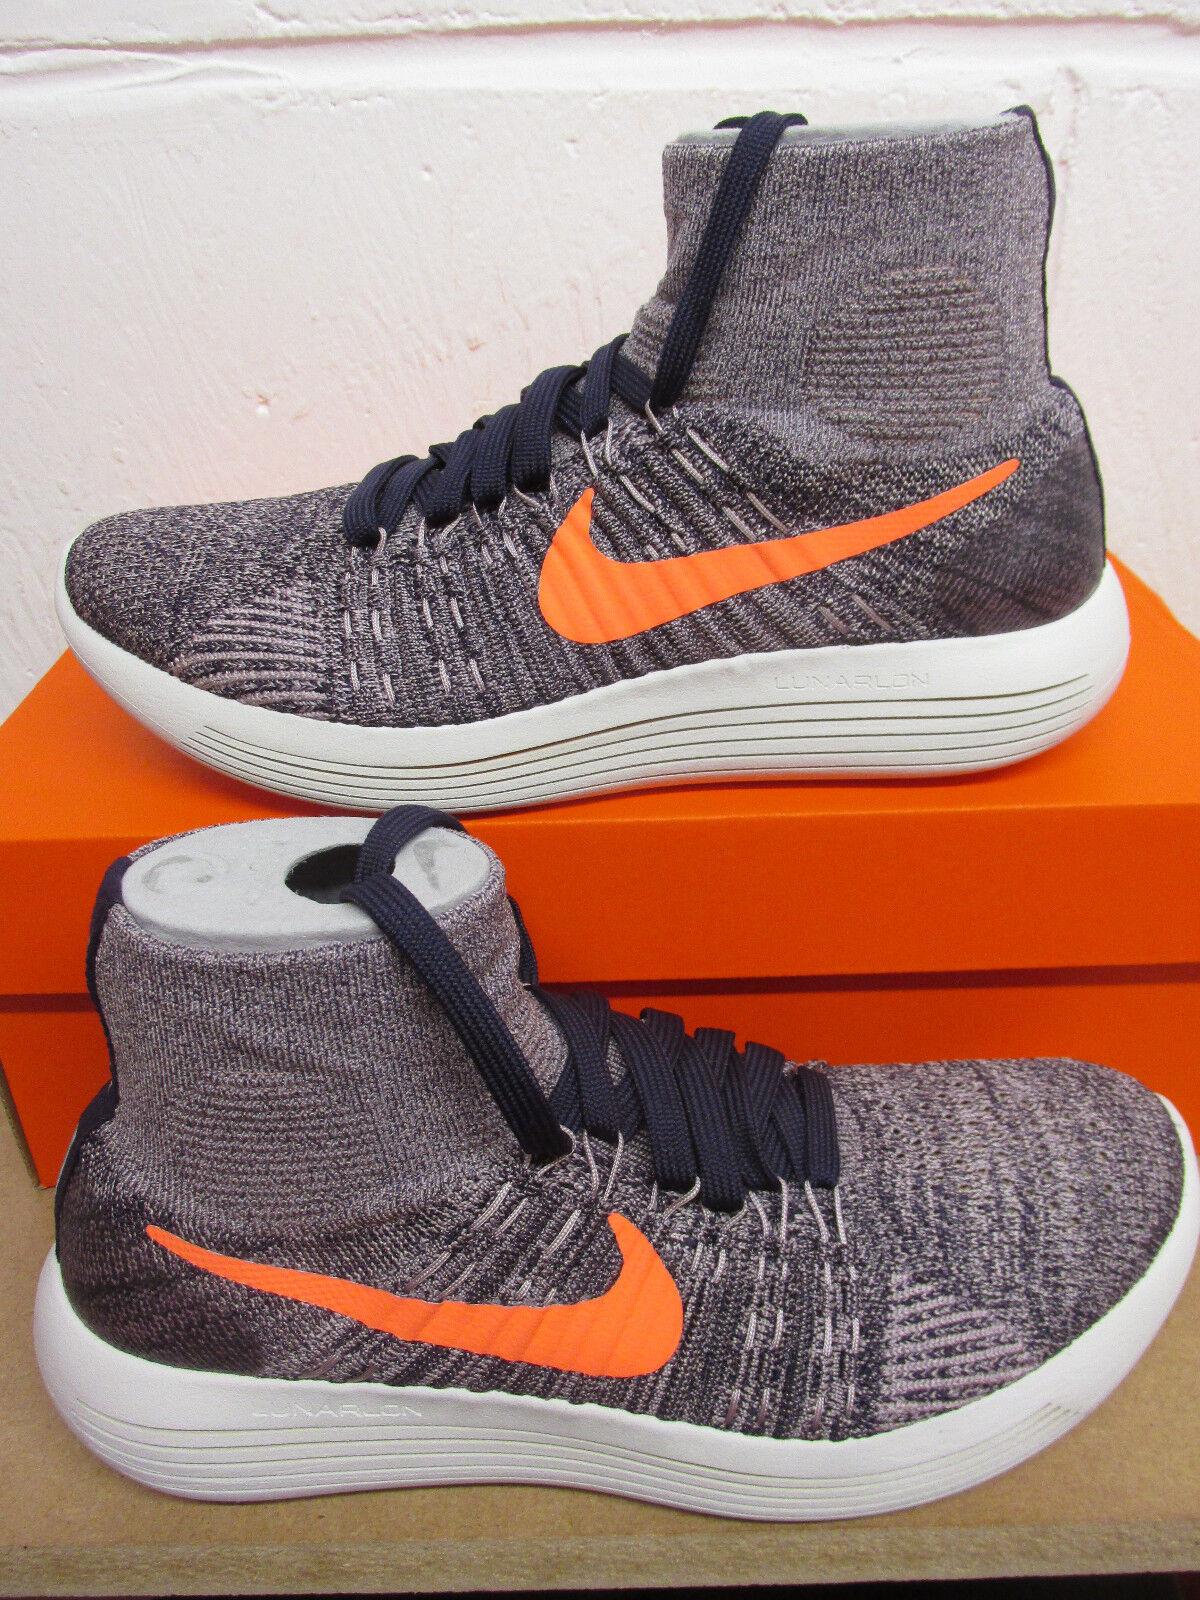 Nike Da Donna lunarepic Flyknit Scarpe Da Ginnastica in esecuzione Scarpe Scarpe da Ginnastica 818677 502